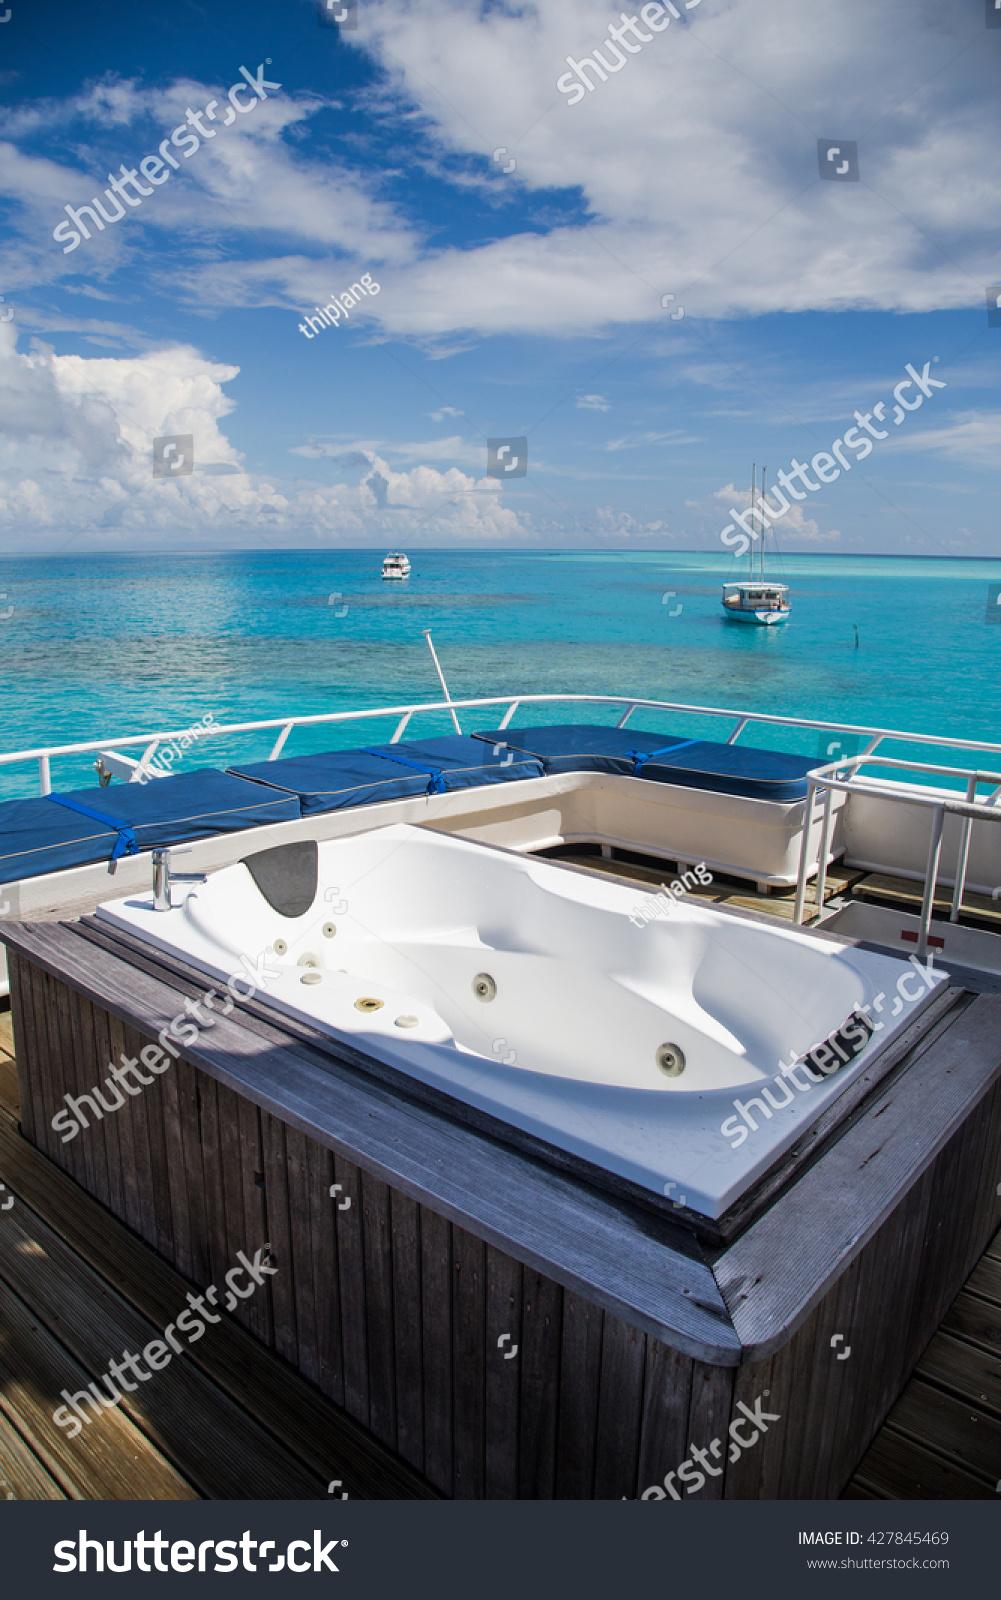 Jacuzzi Bath On Cruise Ship Blue Stock Photo (Royalty Free ...